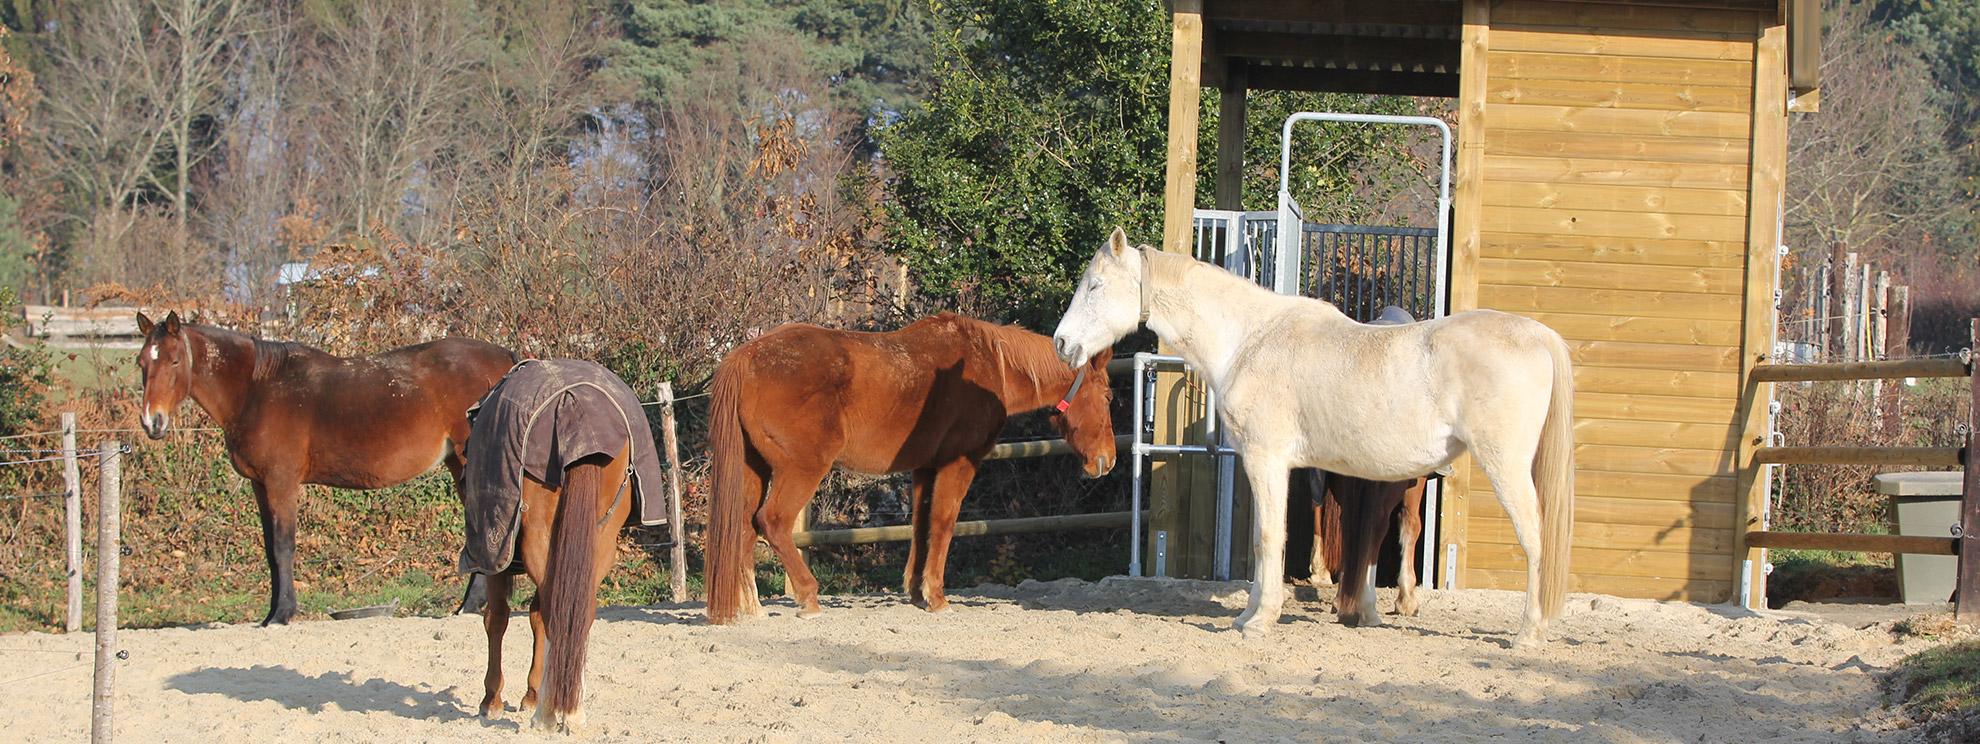 ecuries-actives-de-land-rohan-2 Domaine Equestre de Land Rohan